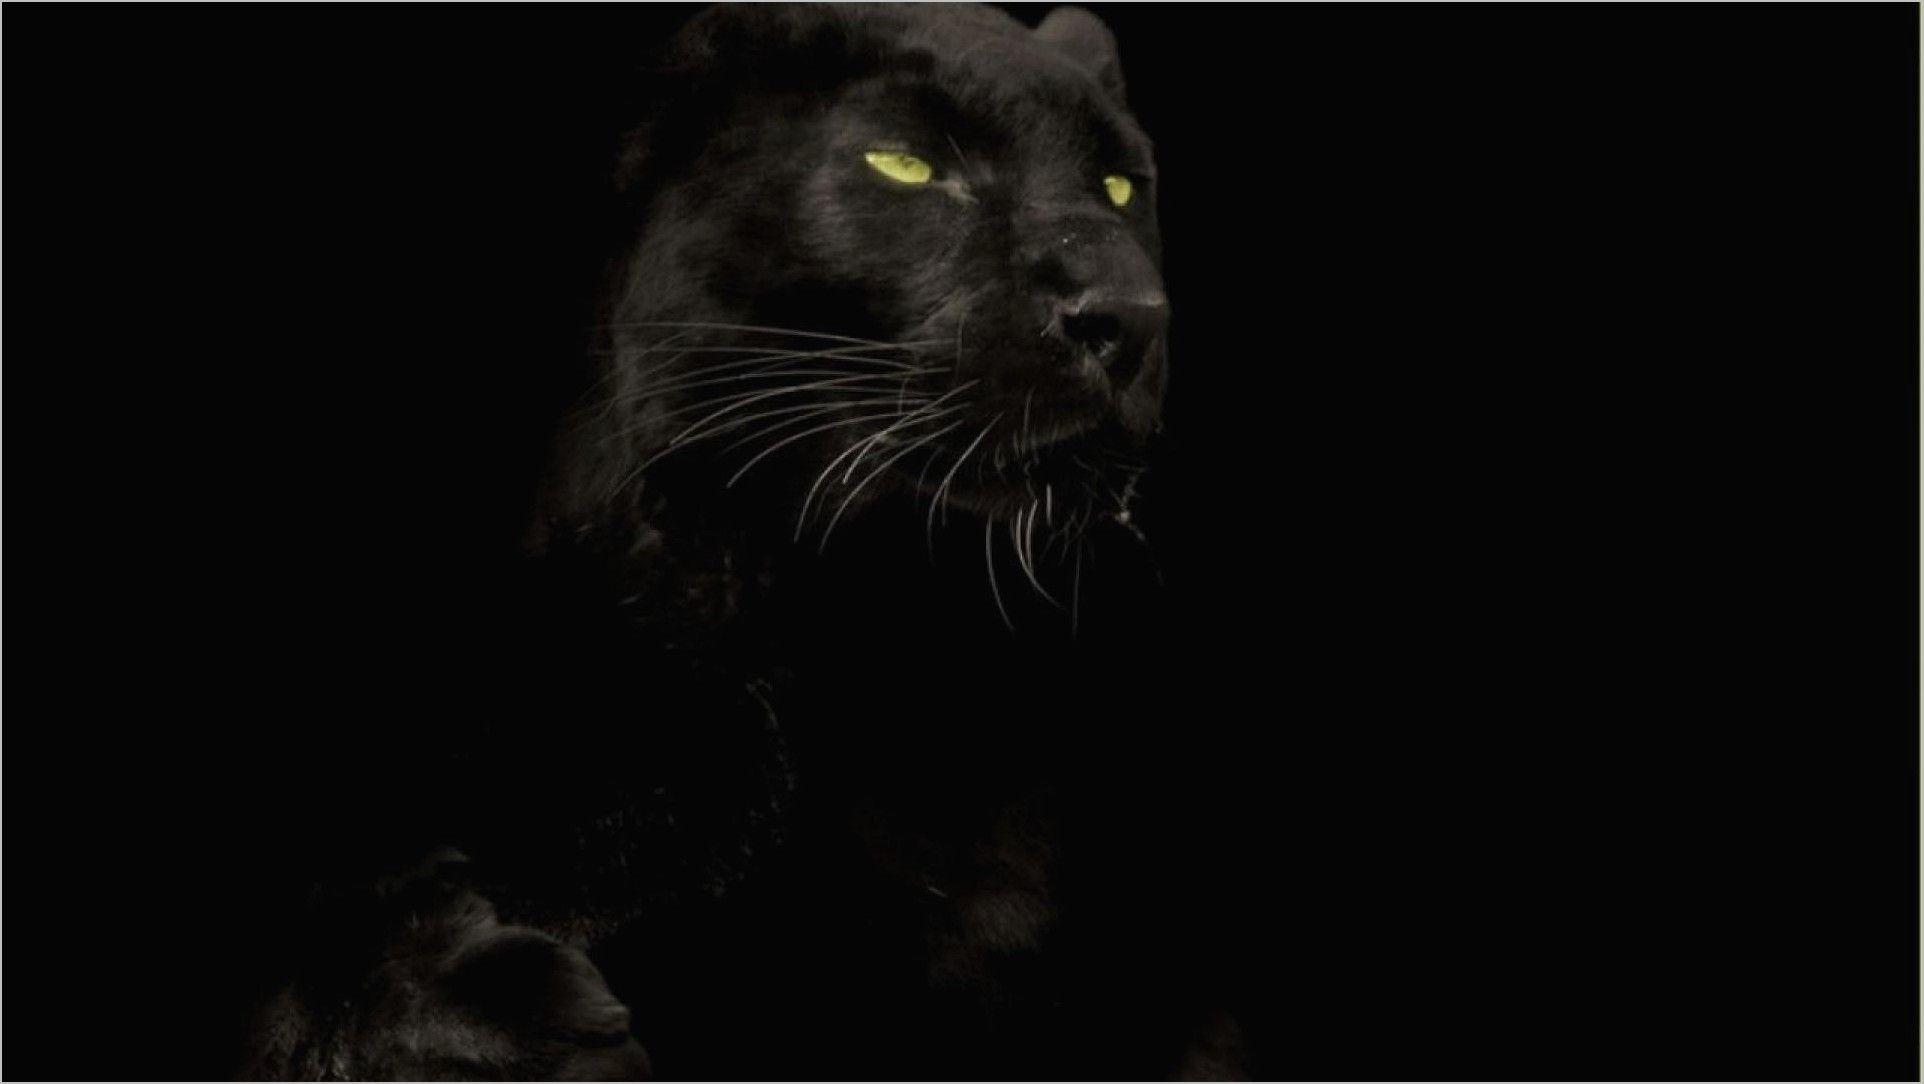 Panther Animal 4k Wallpaper Black Panther Cat Animal Wallpaper Panther Cat